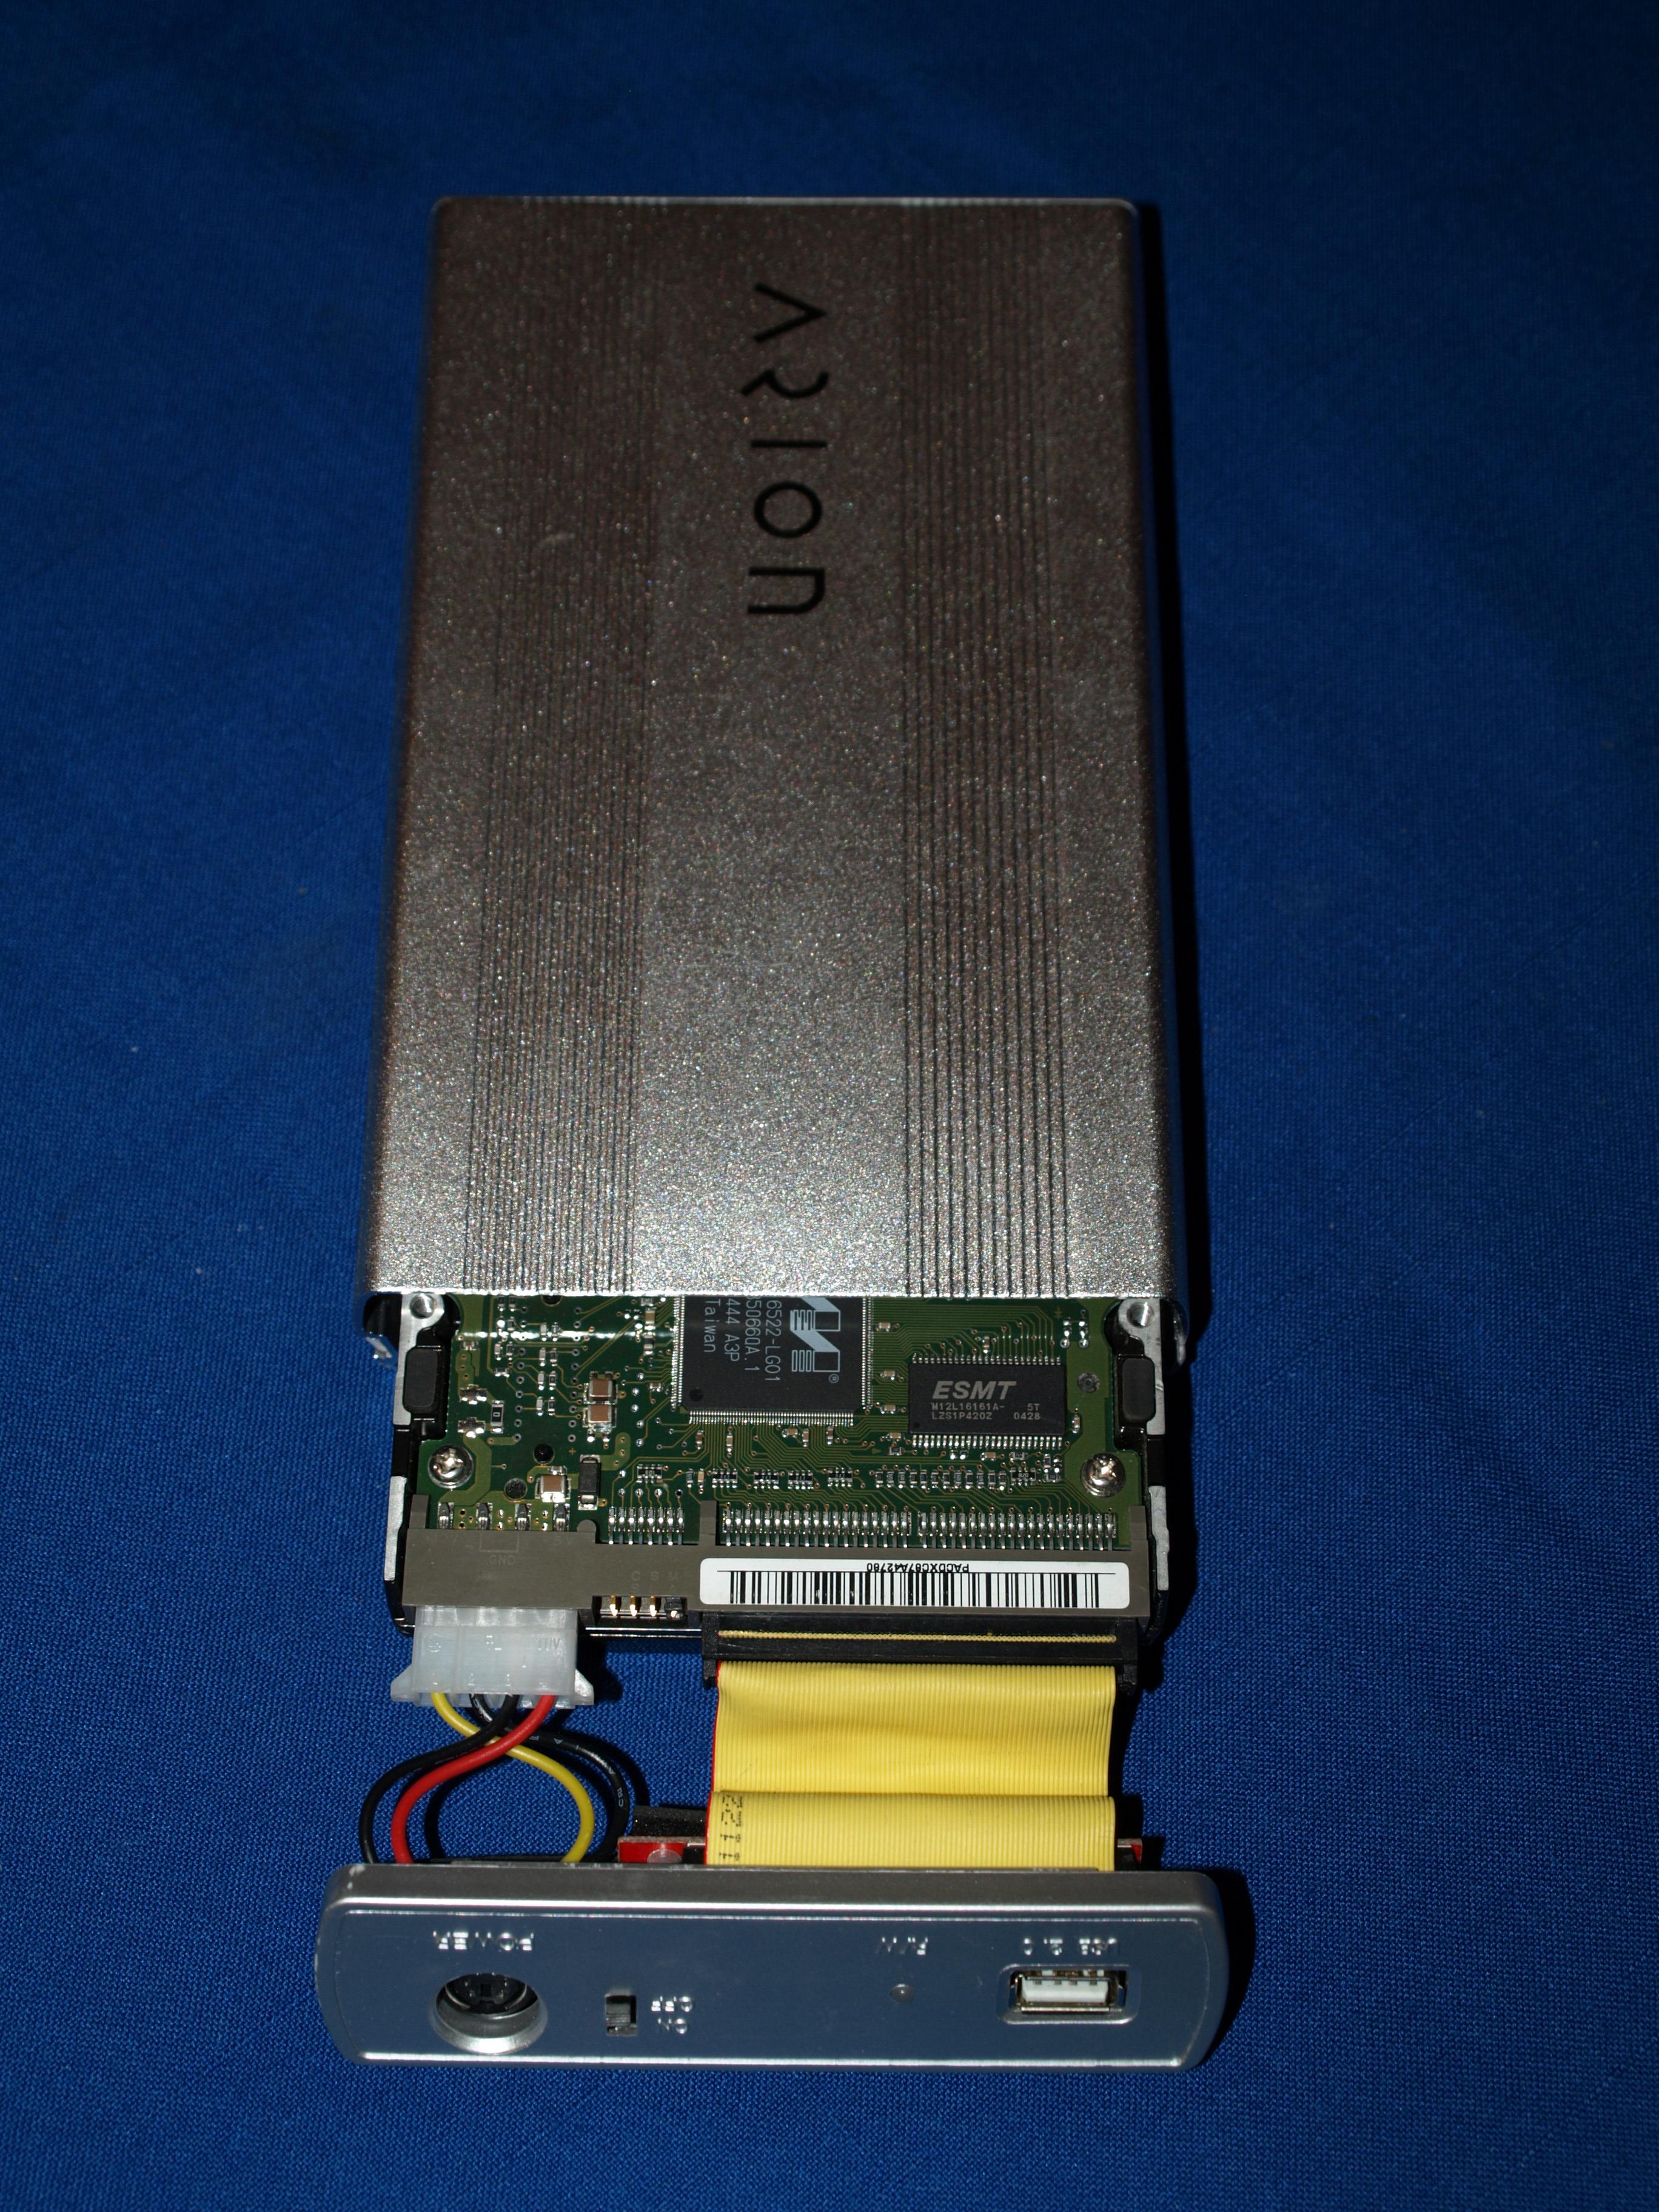 Circuito Wikipedia : Archivo circuito rack disco duro g wikipedia la enciclopedia